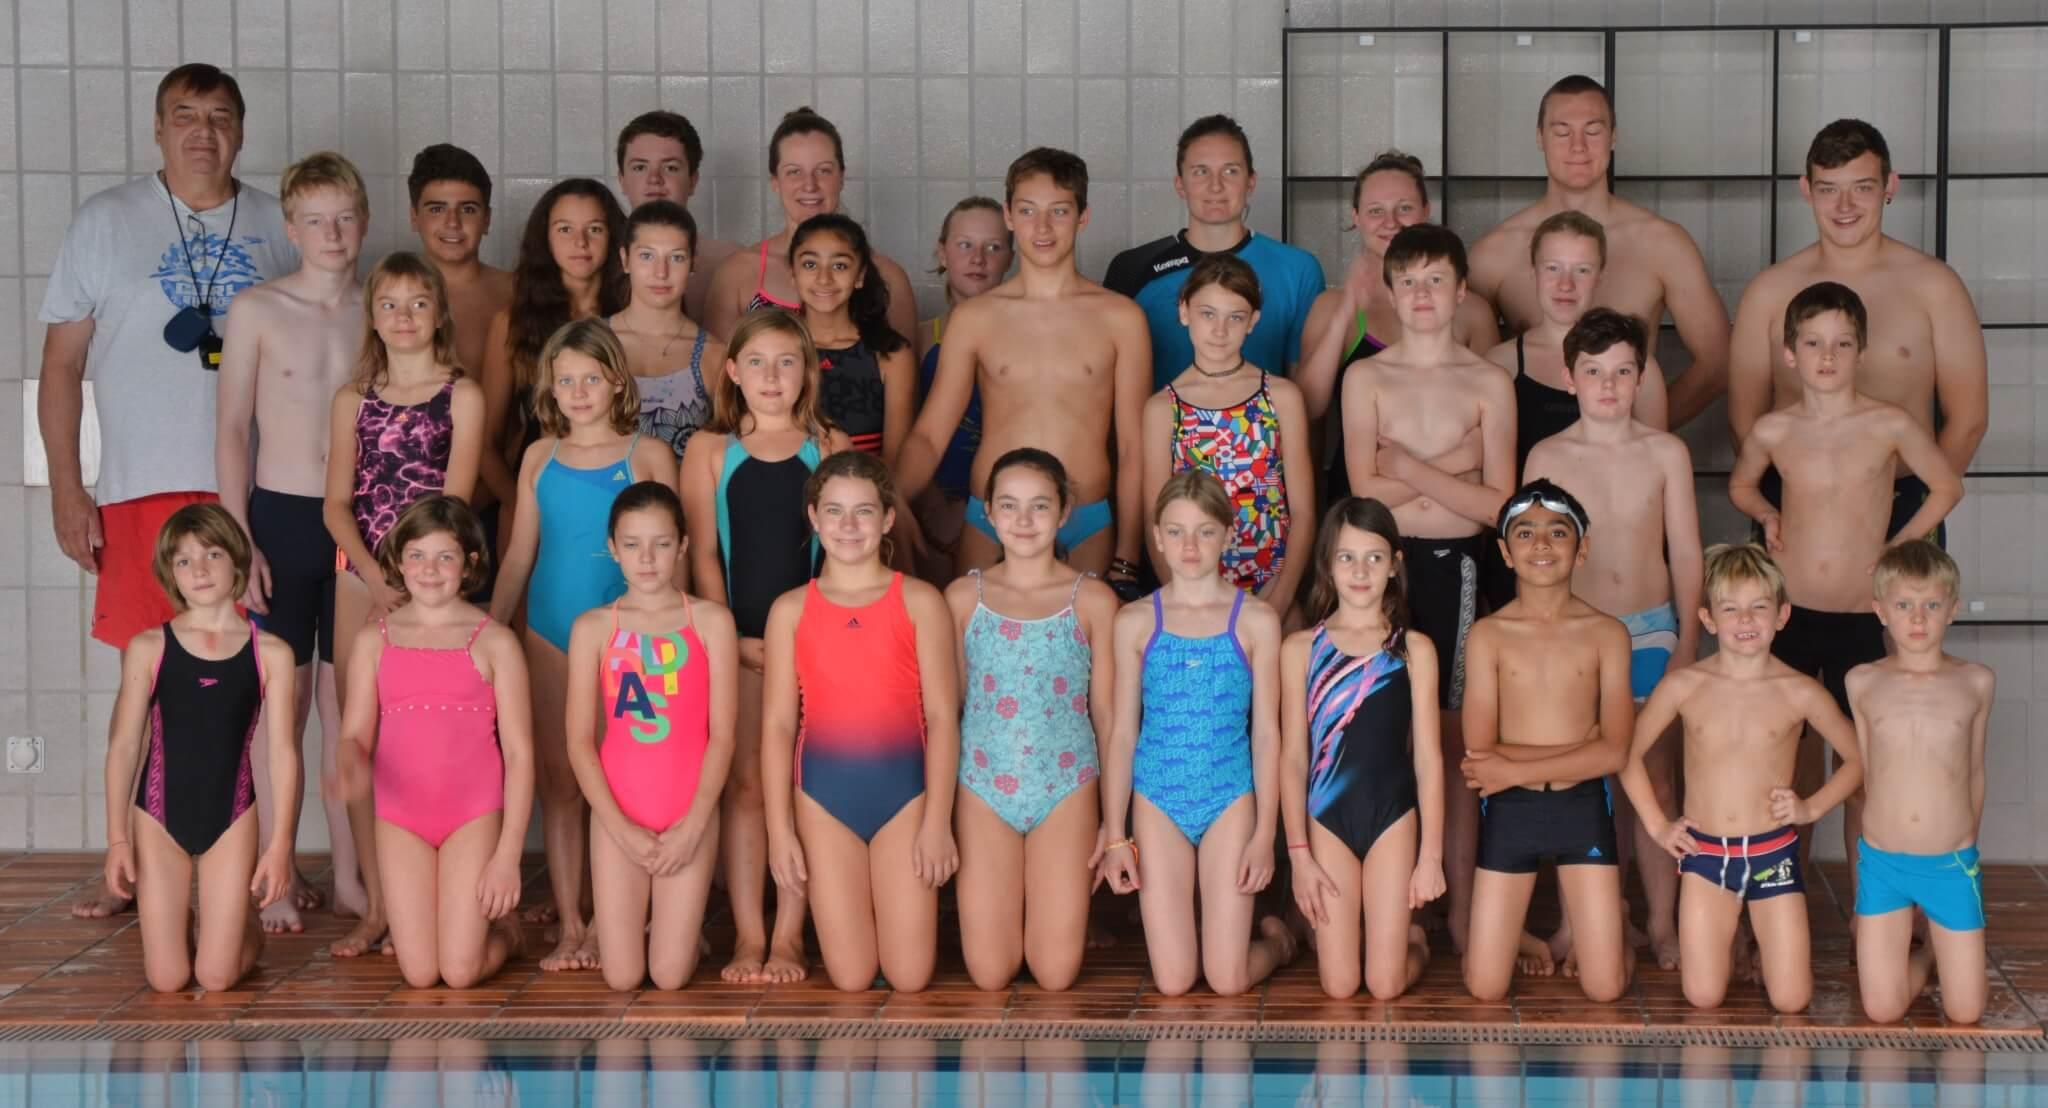 Bericht: Birsfelder Anzeiger über den Schwimmclub Birsfelden